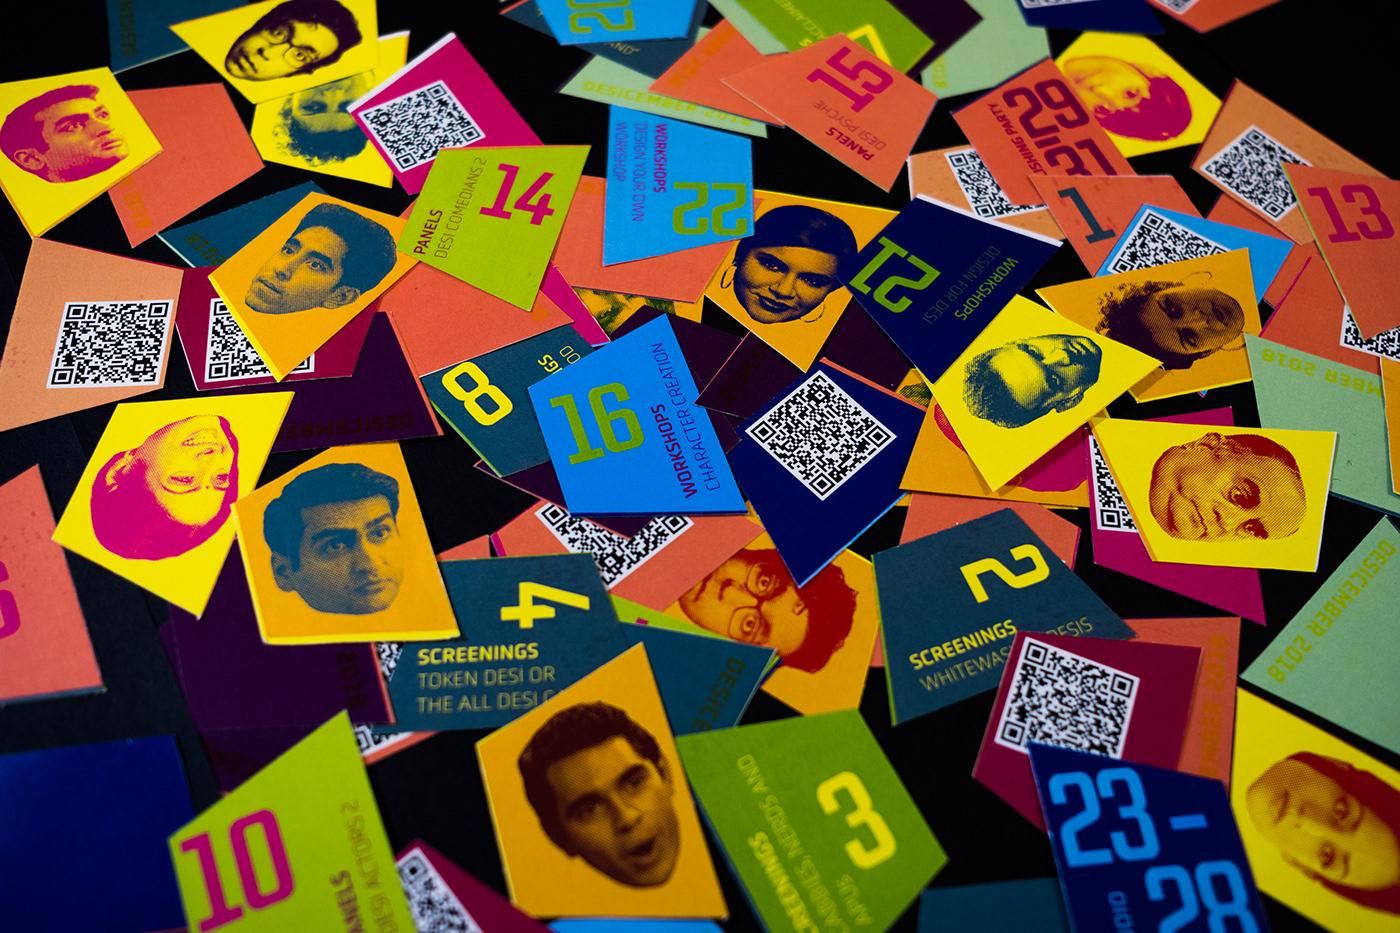 film festival Desicember desi branding  Identity Design App prototype